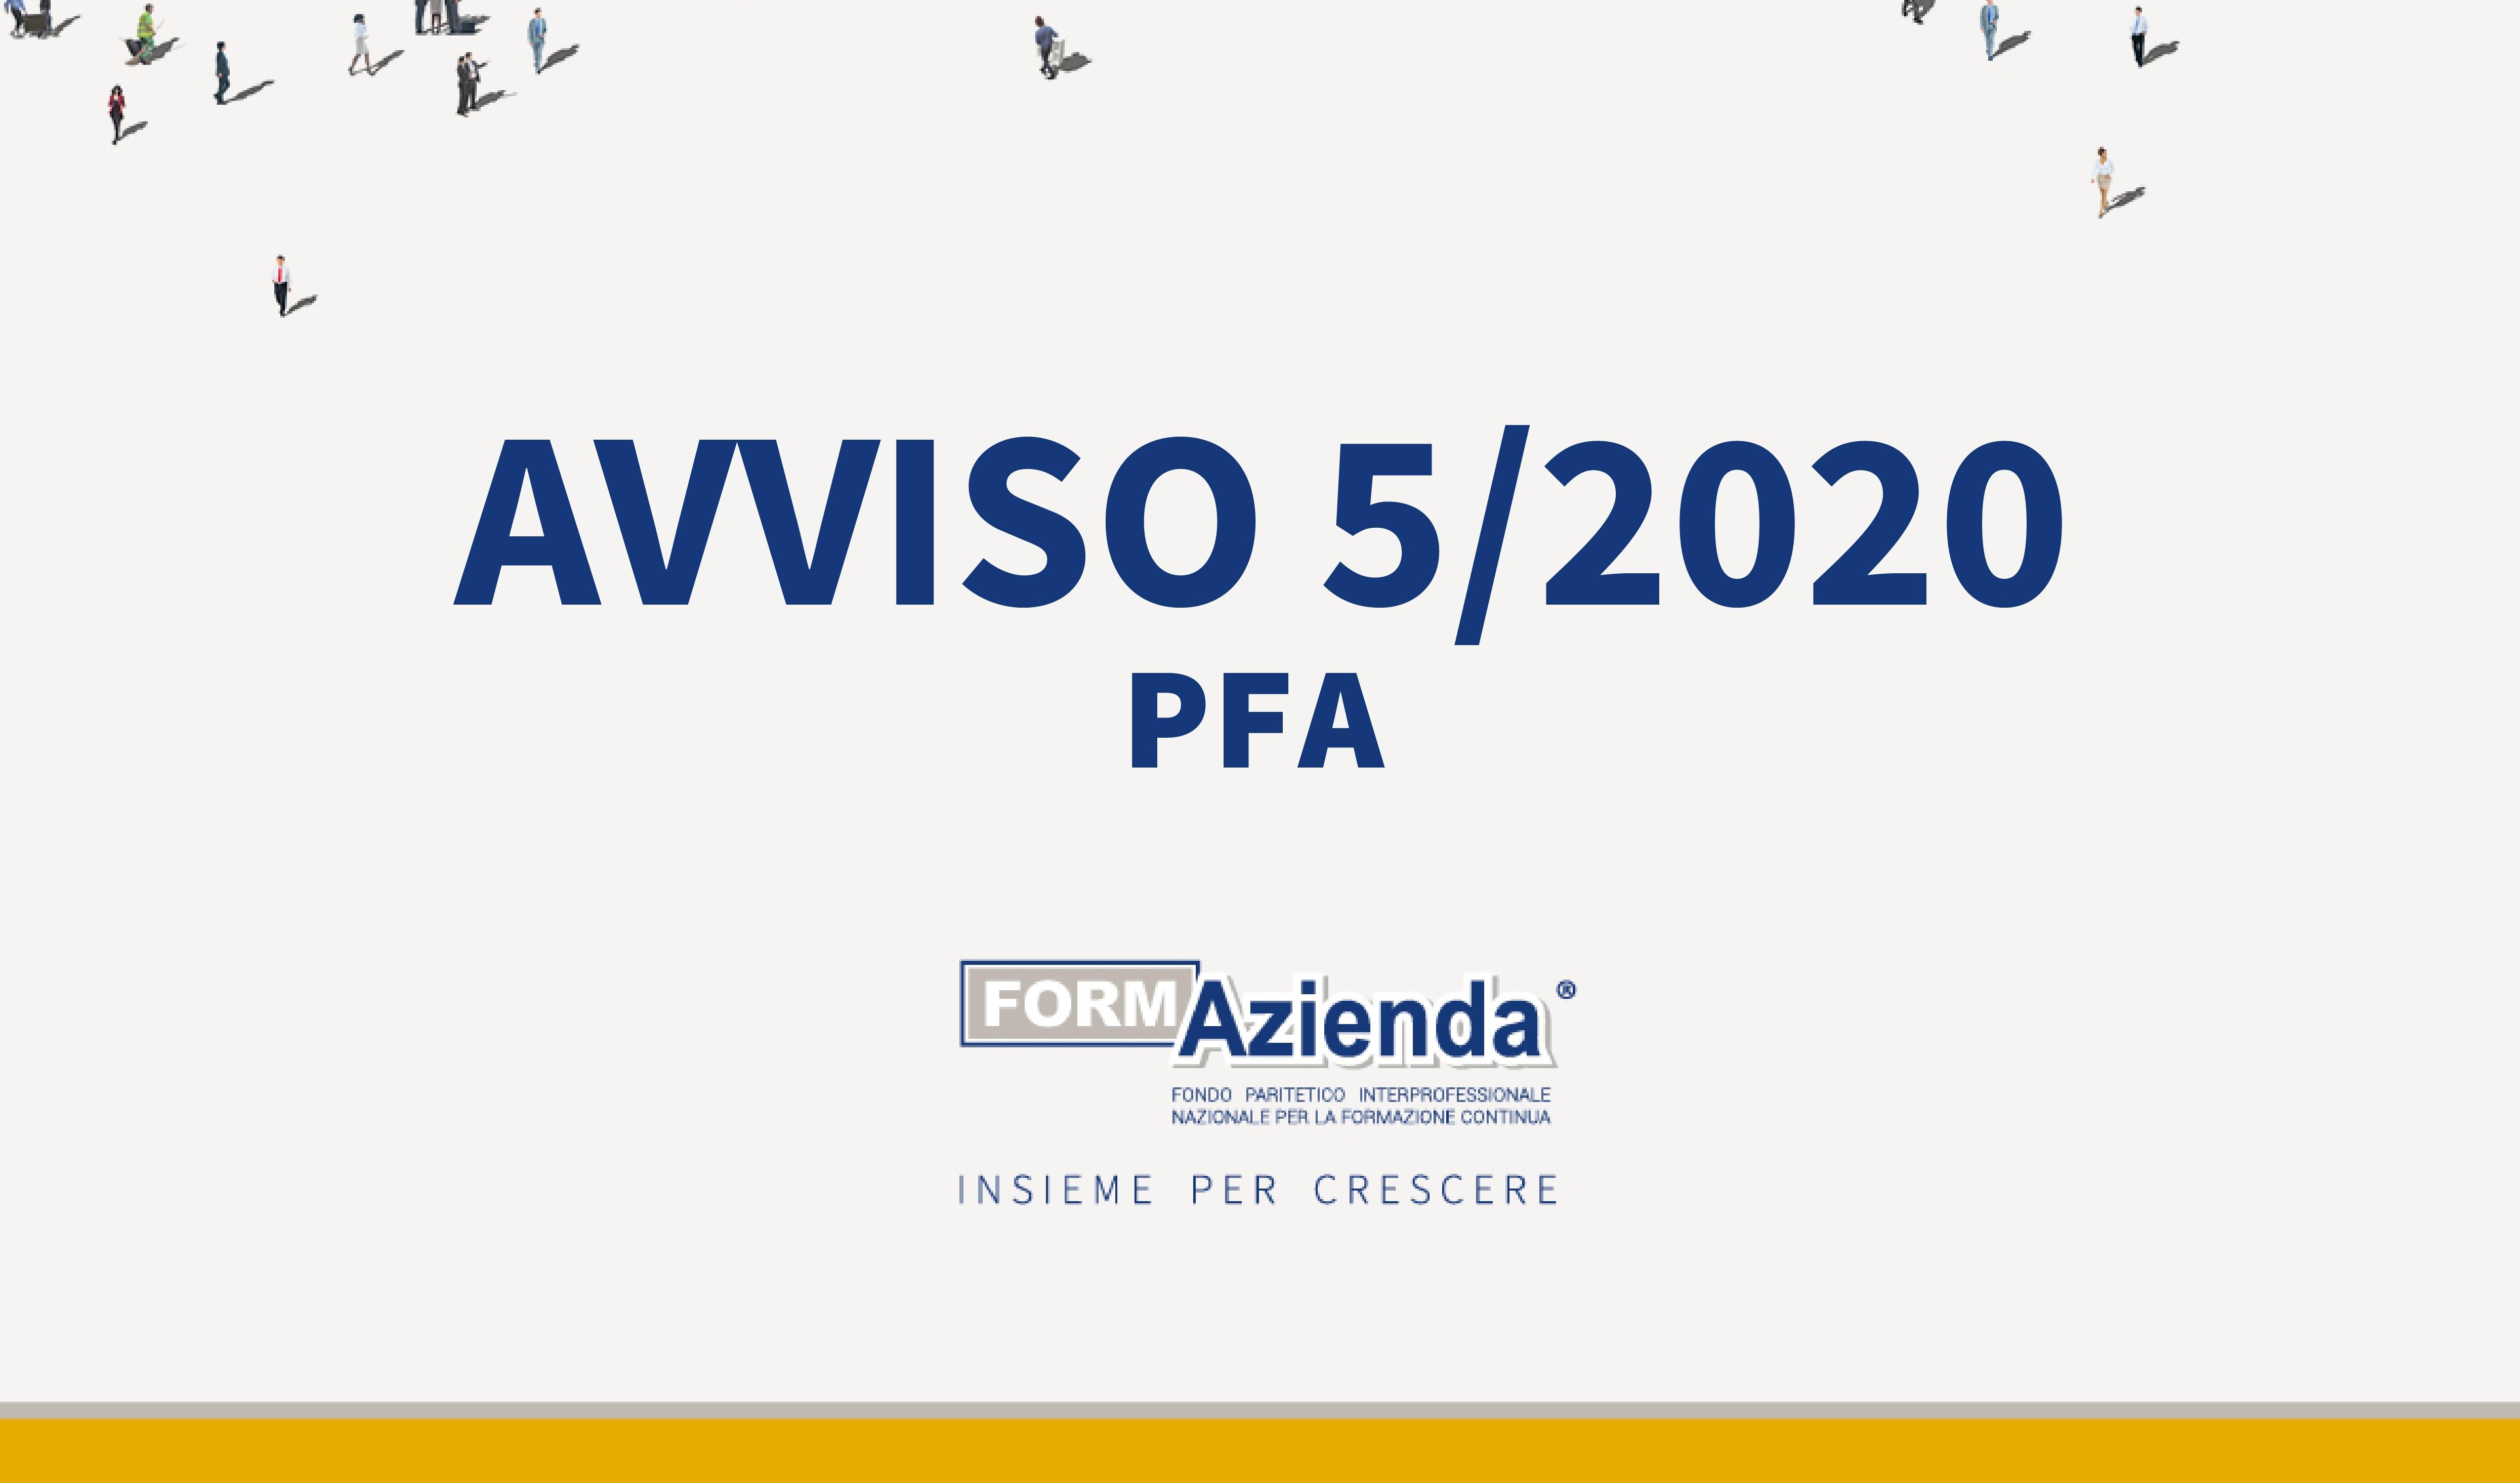 AVVISO 5/2020 PFA